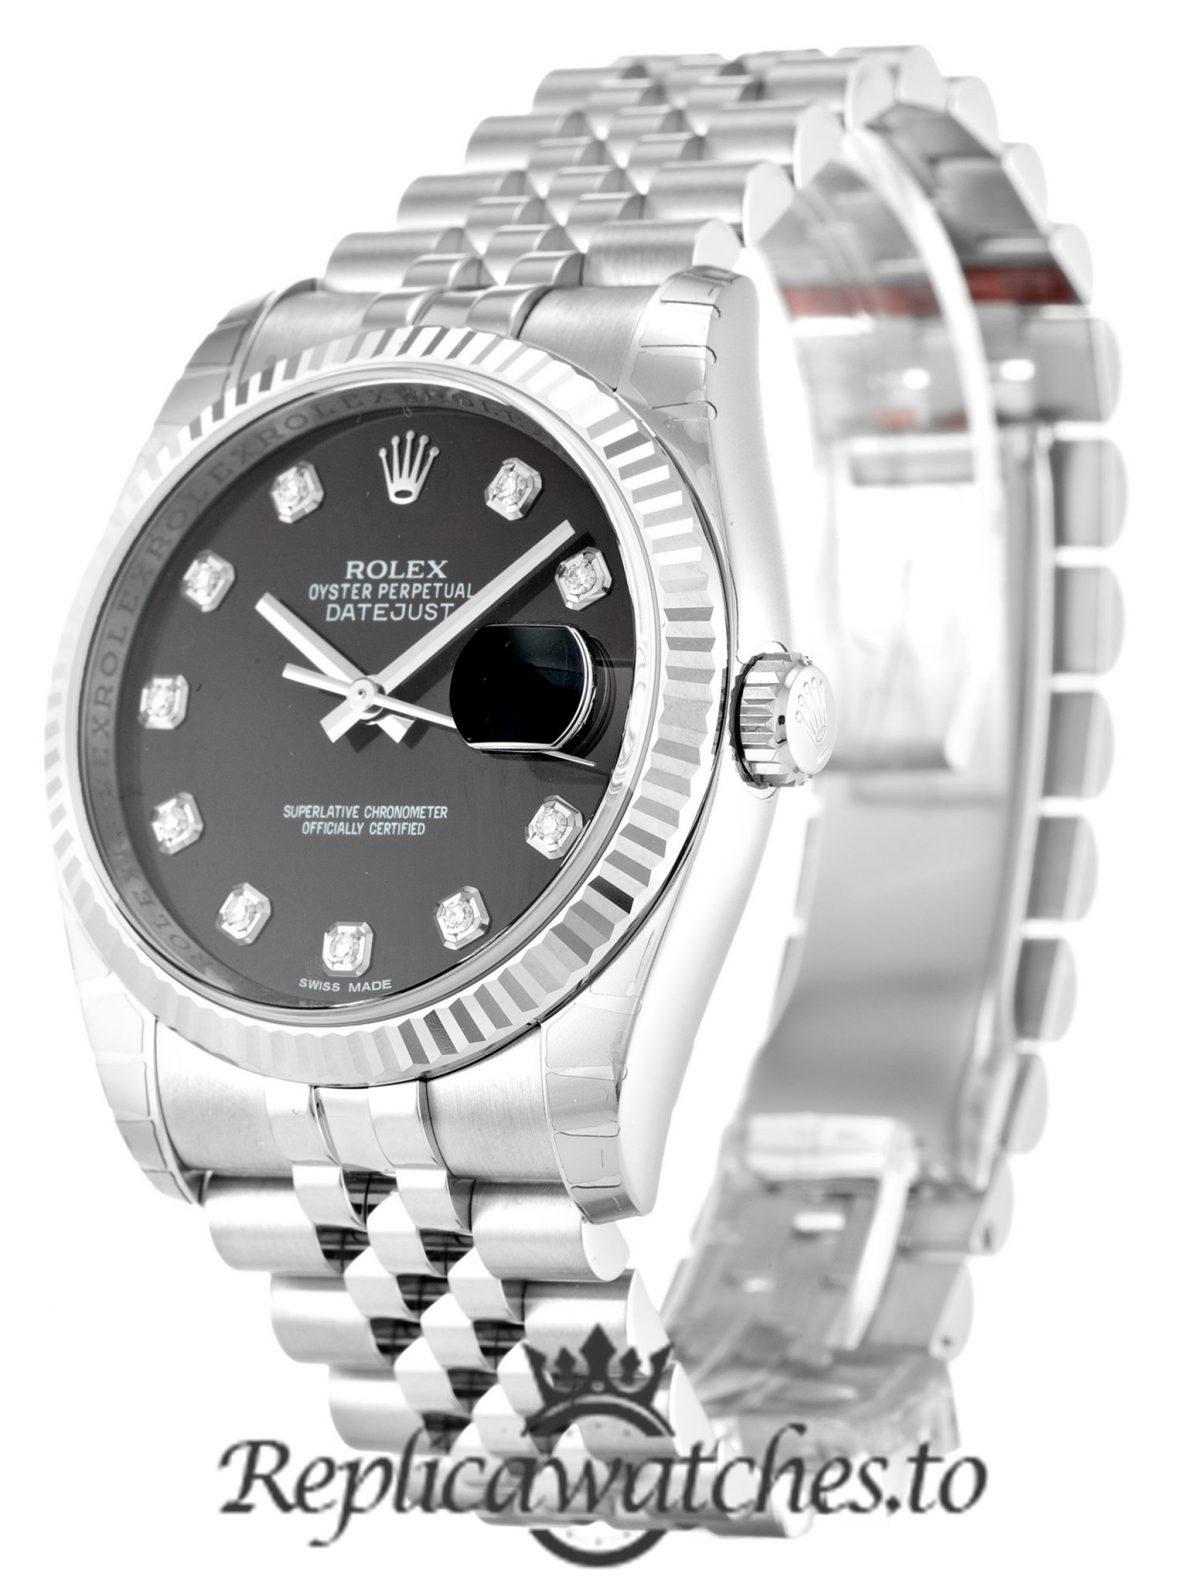 Rolex Datejust Replica 116234 001 Silver Strap 36MM